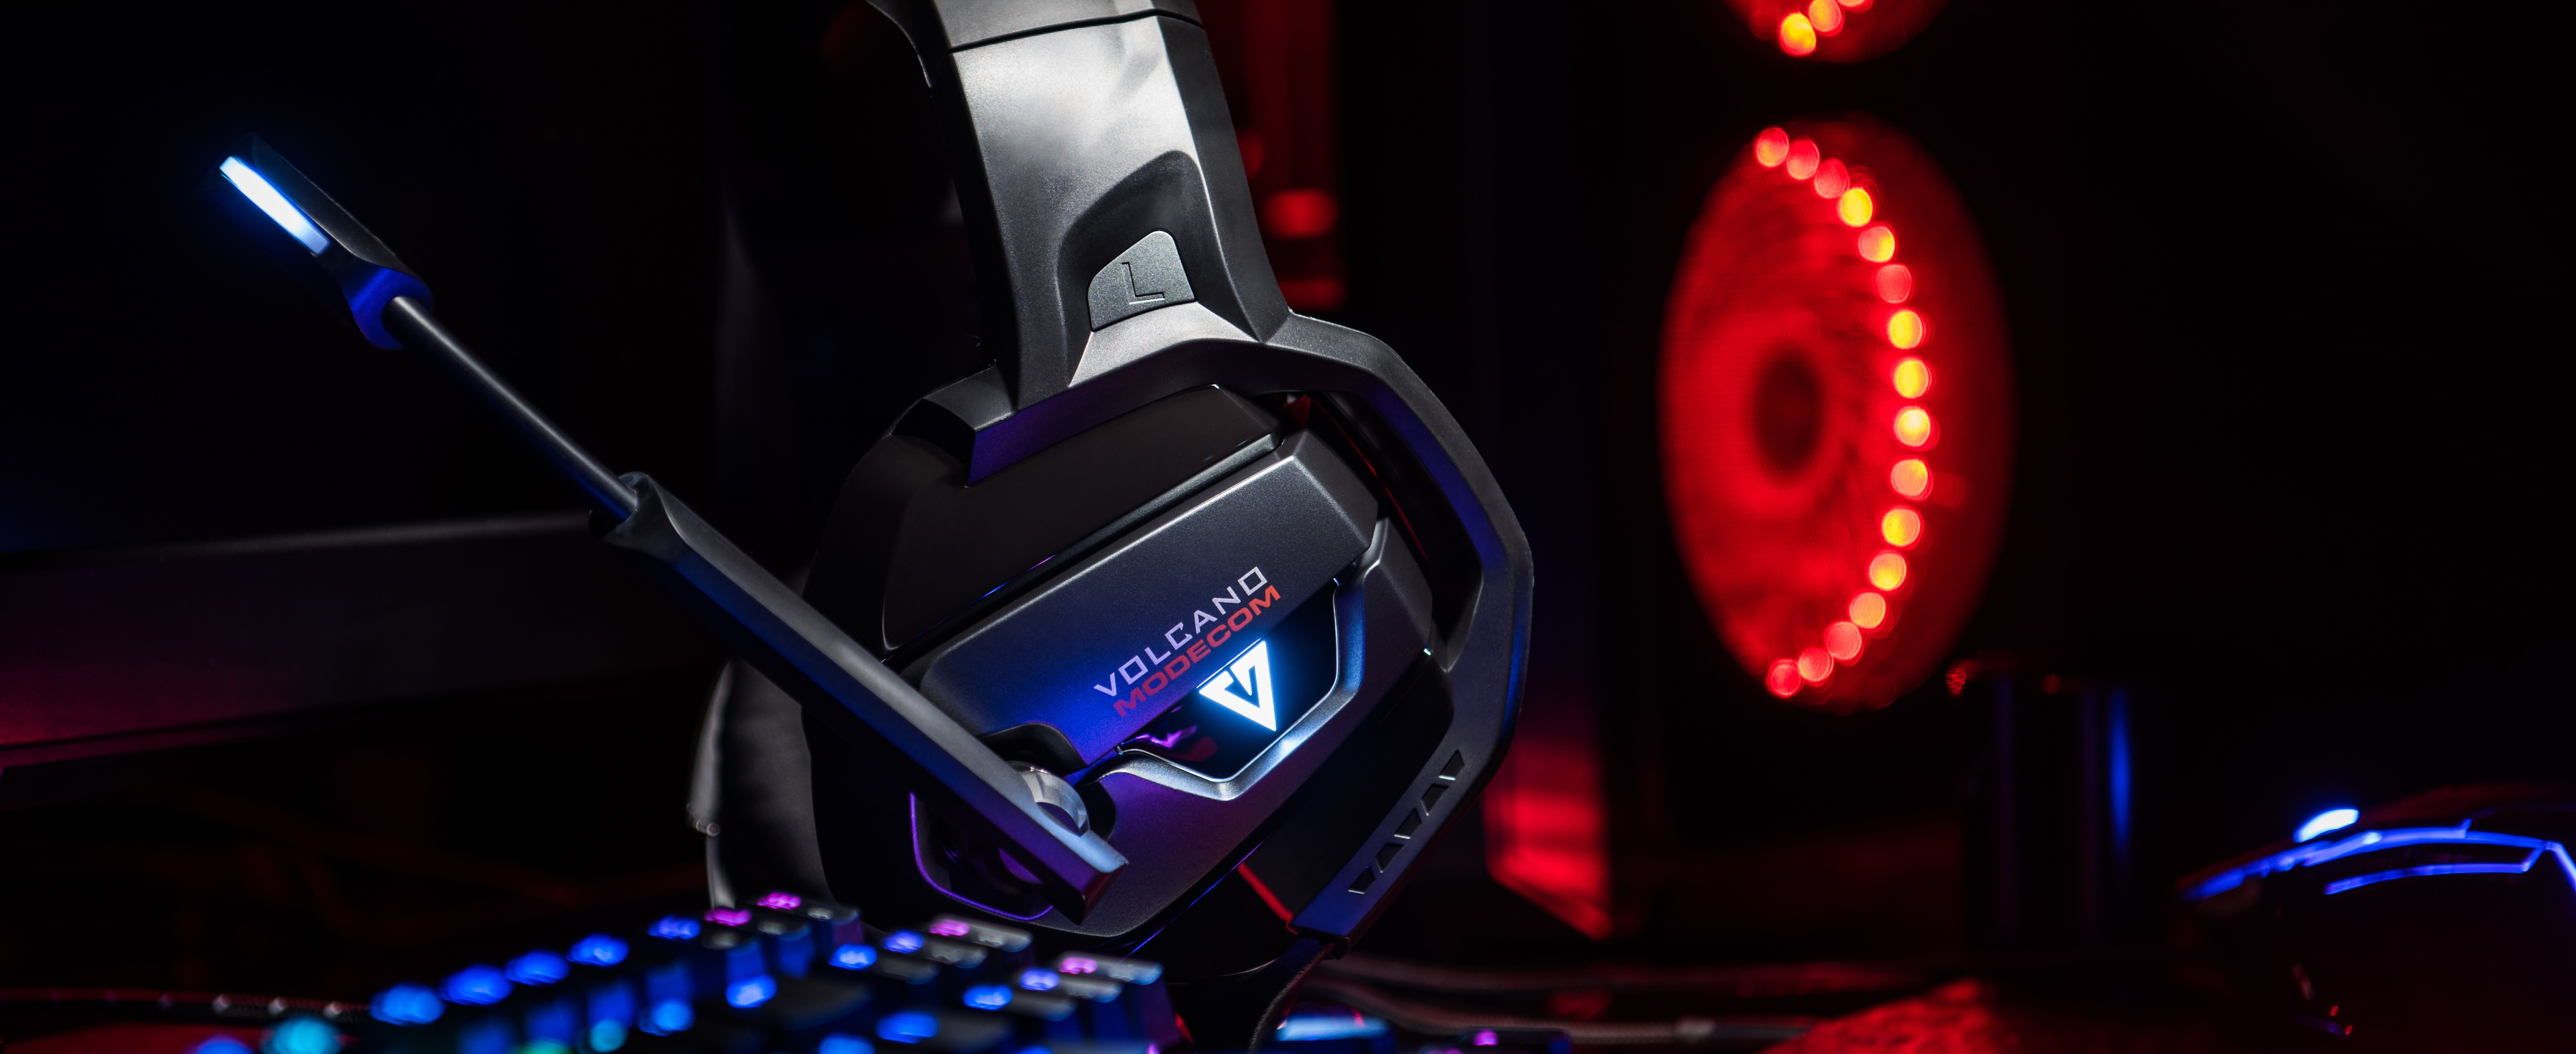 MODECOM VOLCANO MC-859 BOW žaidimų ausinės su mikrofonu